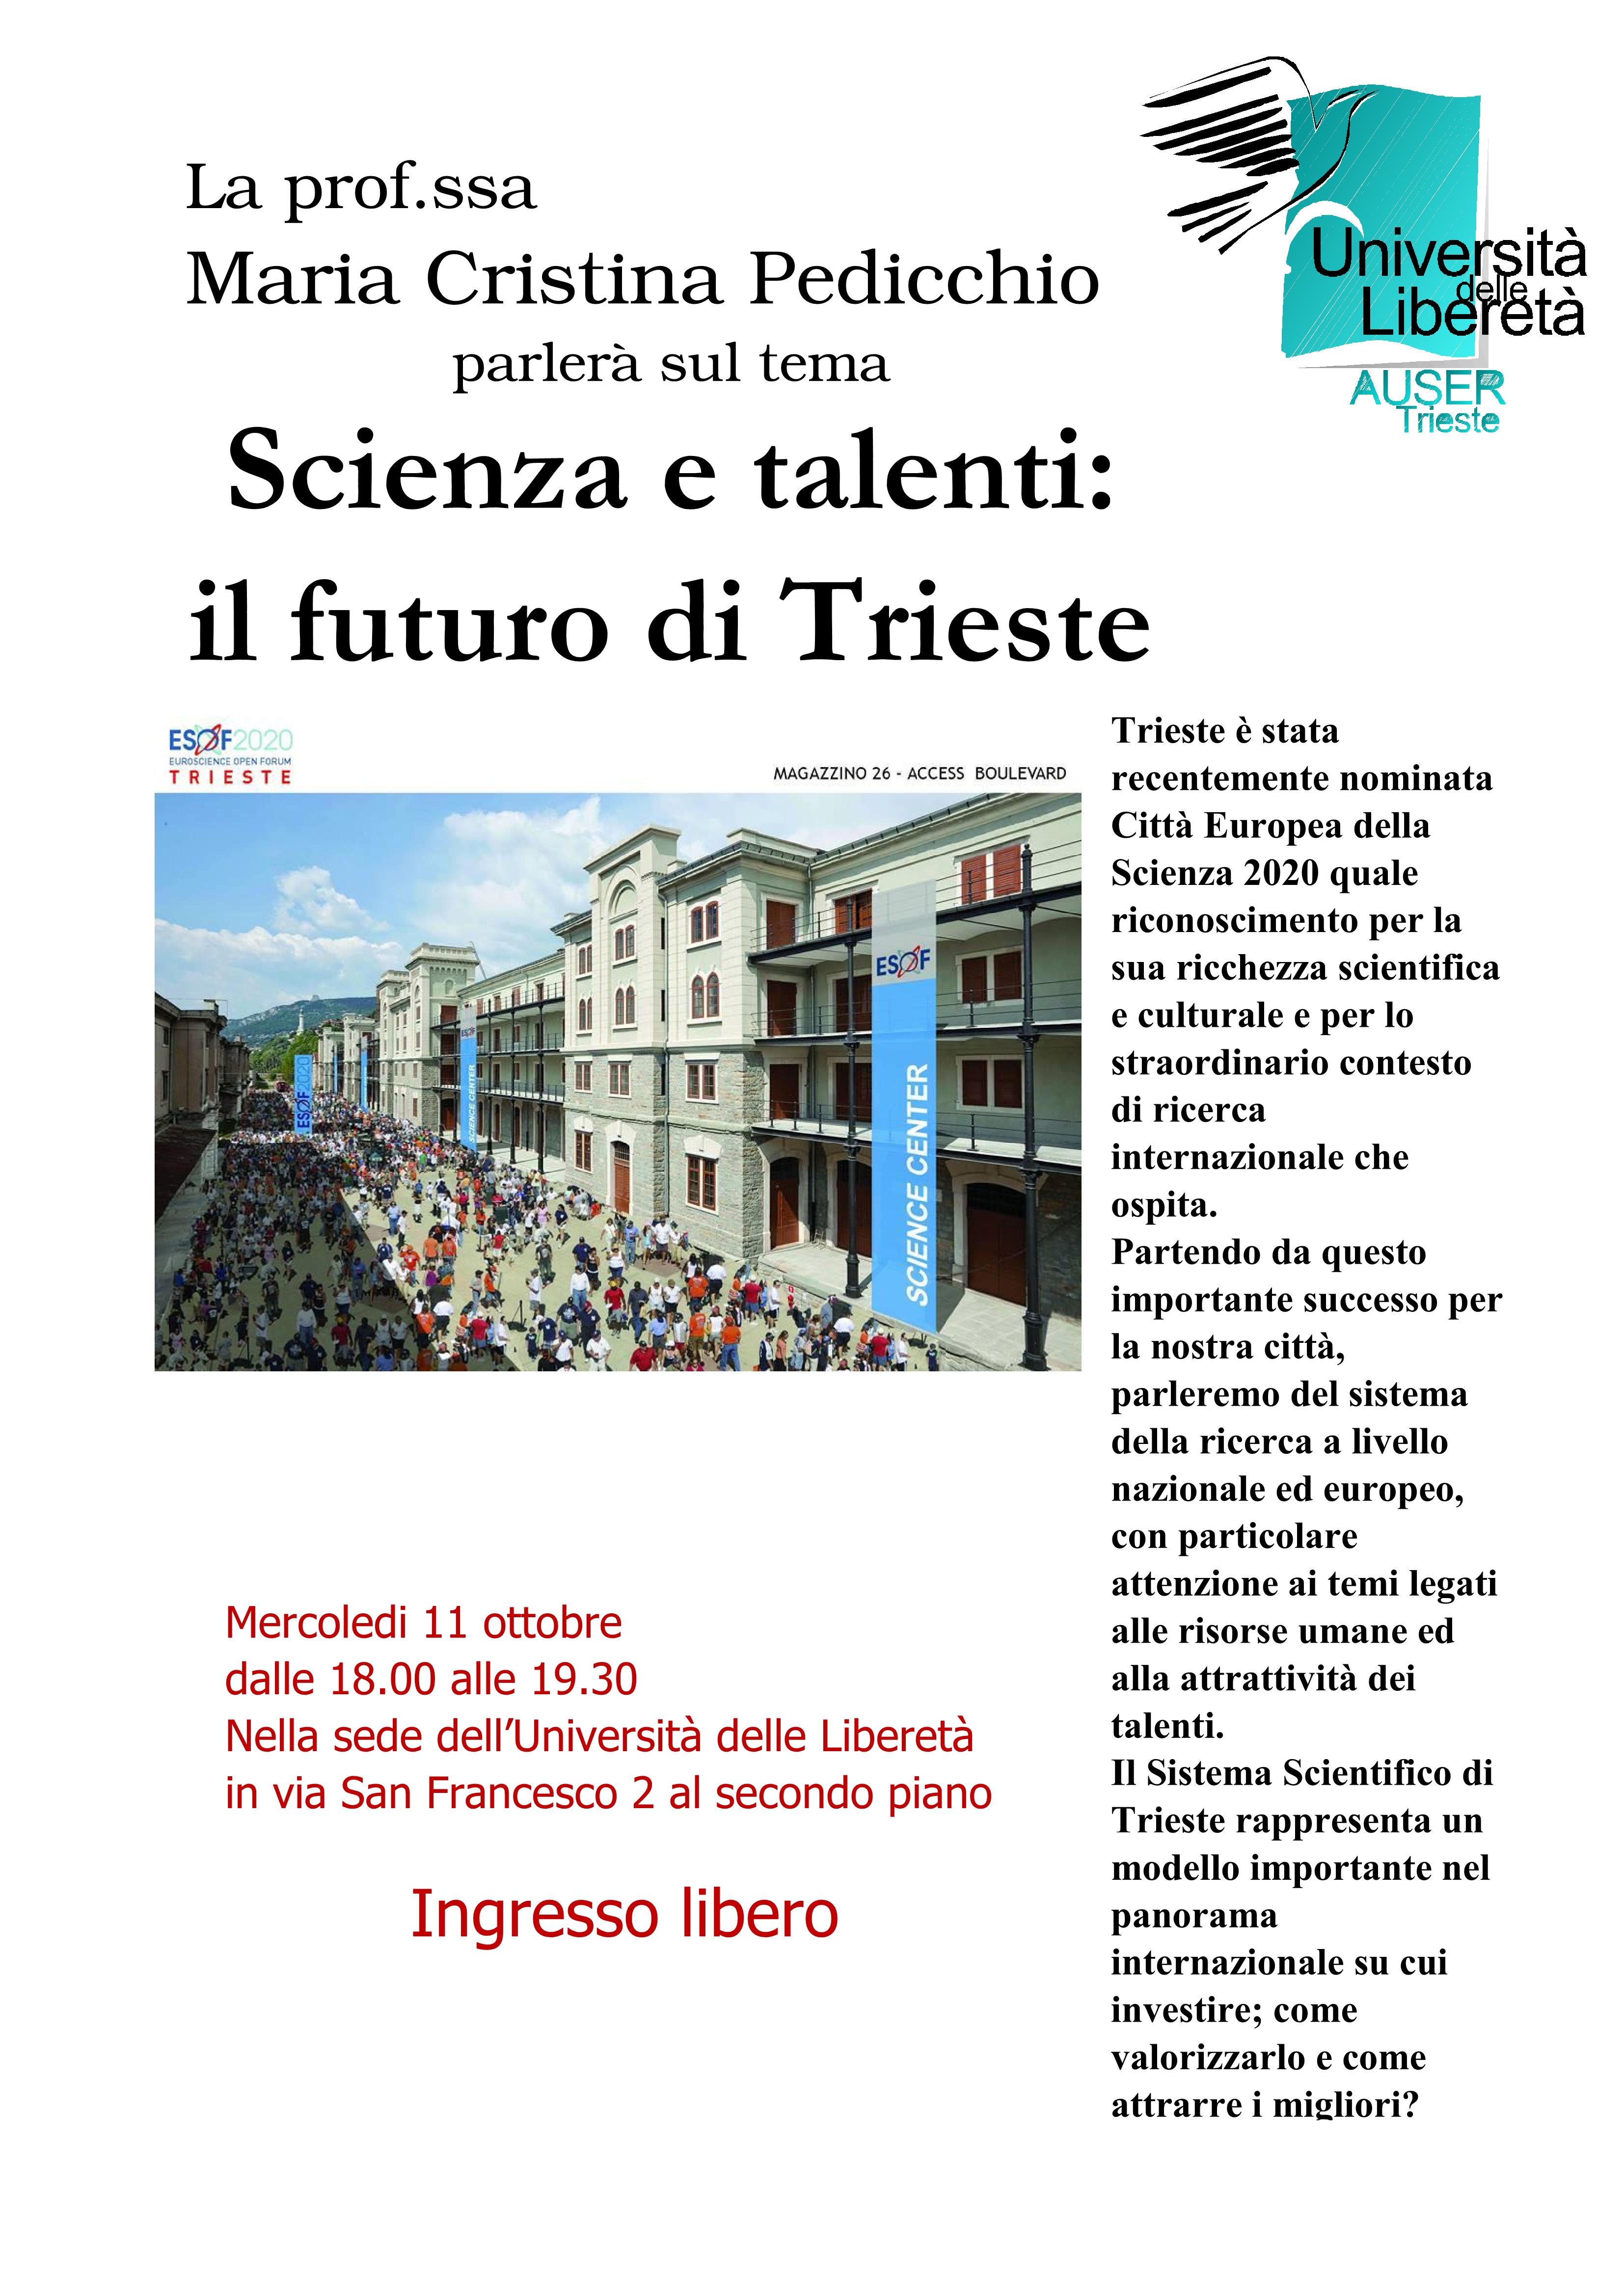 Scienza e talenti, il futuro di Trieste